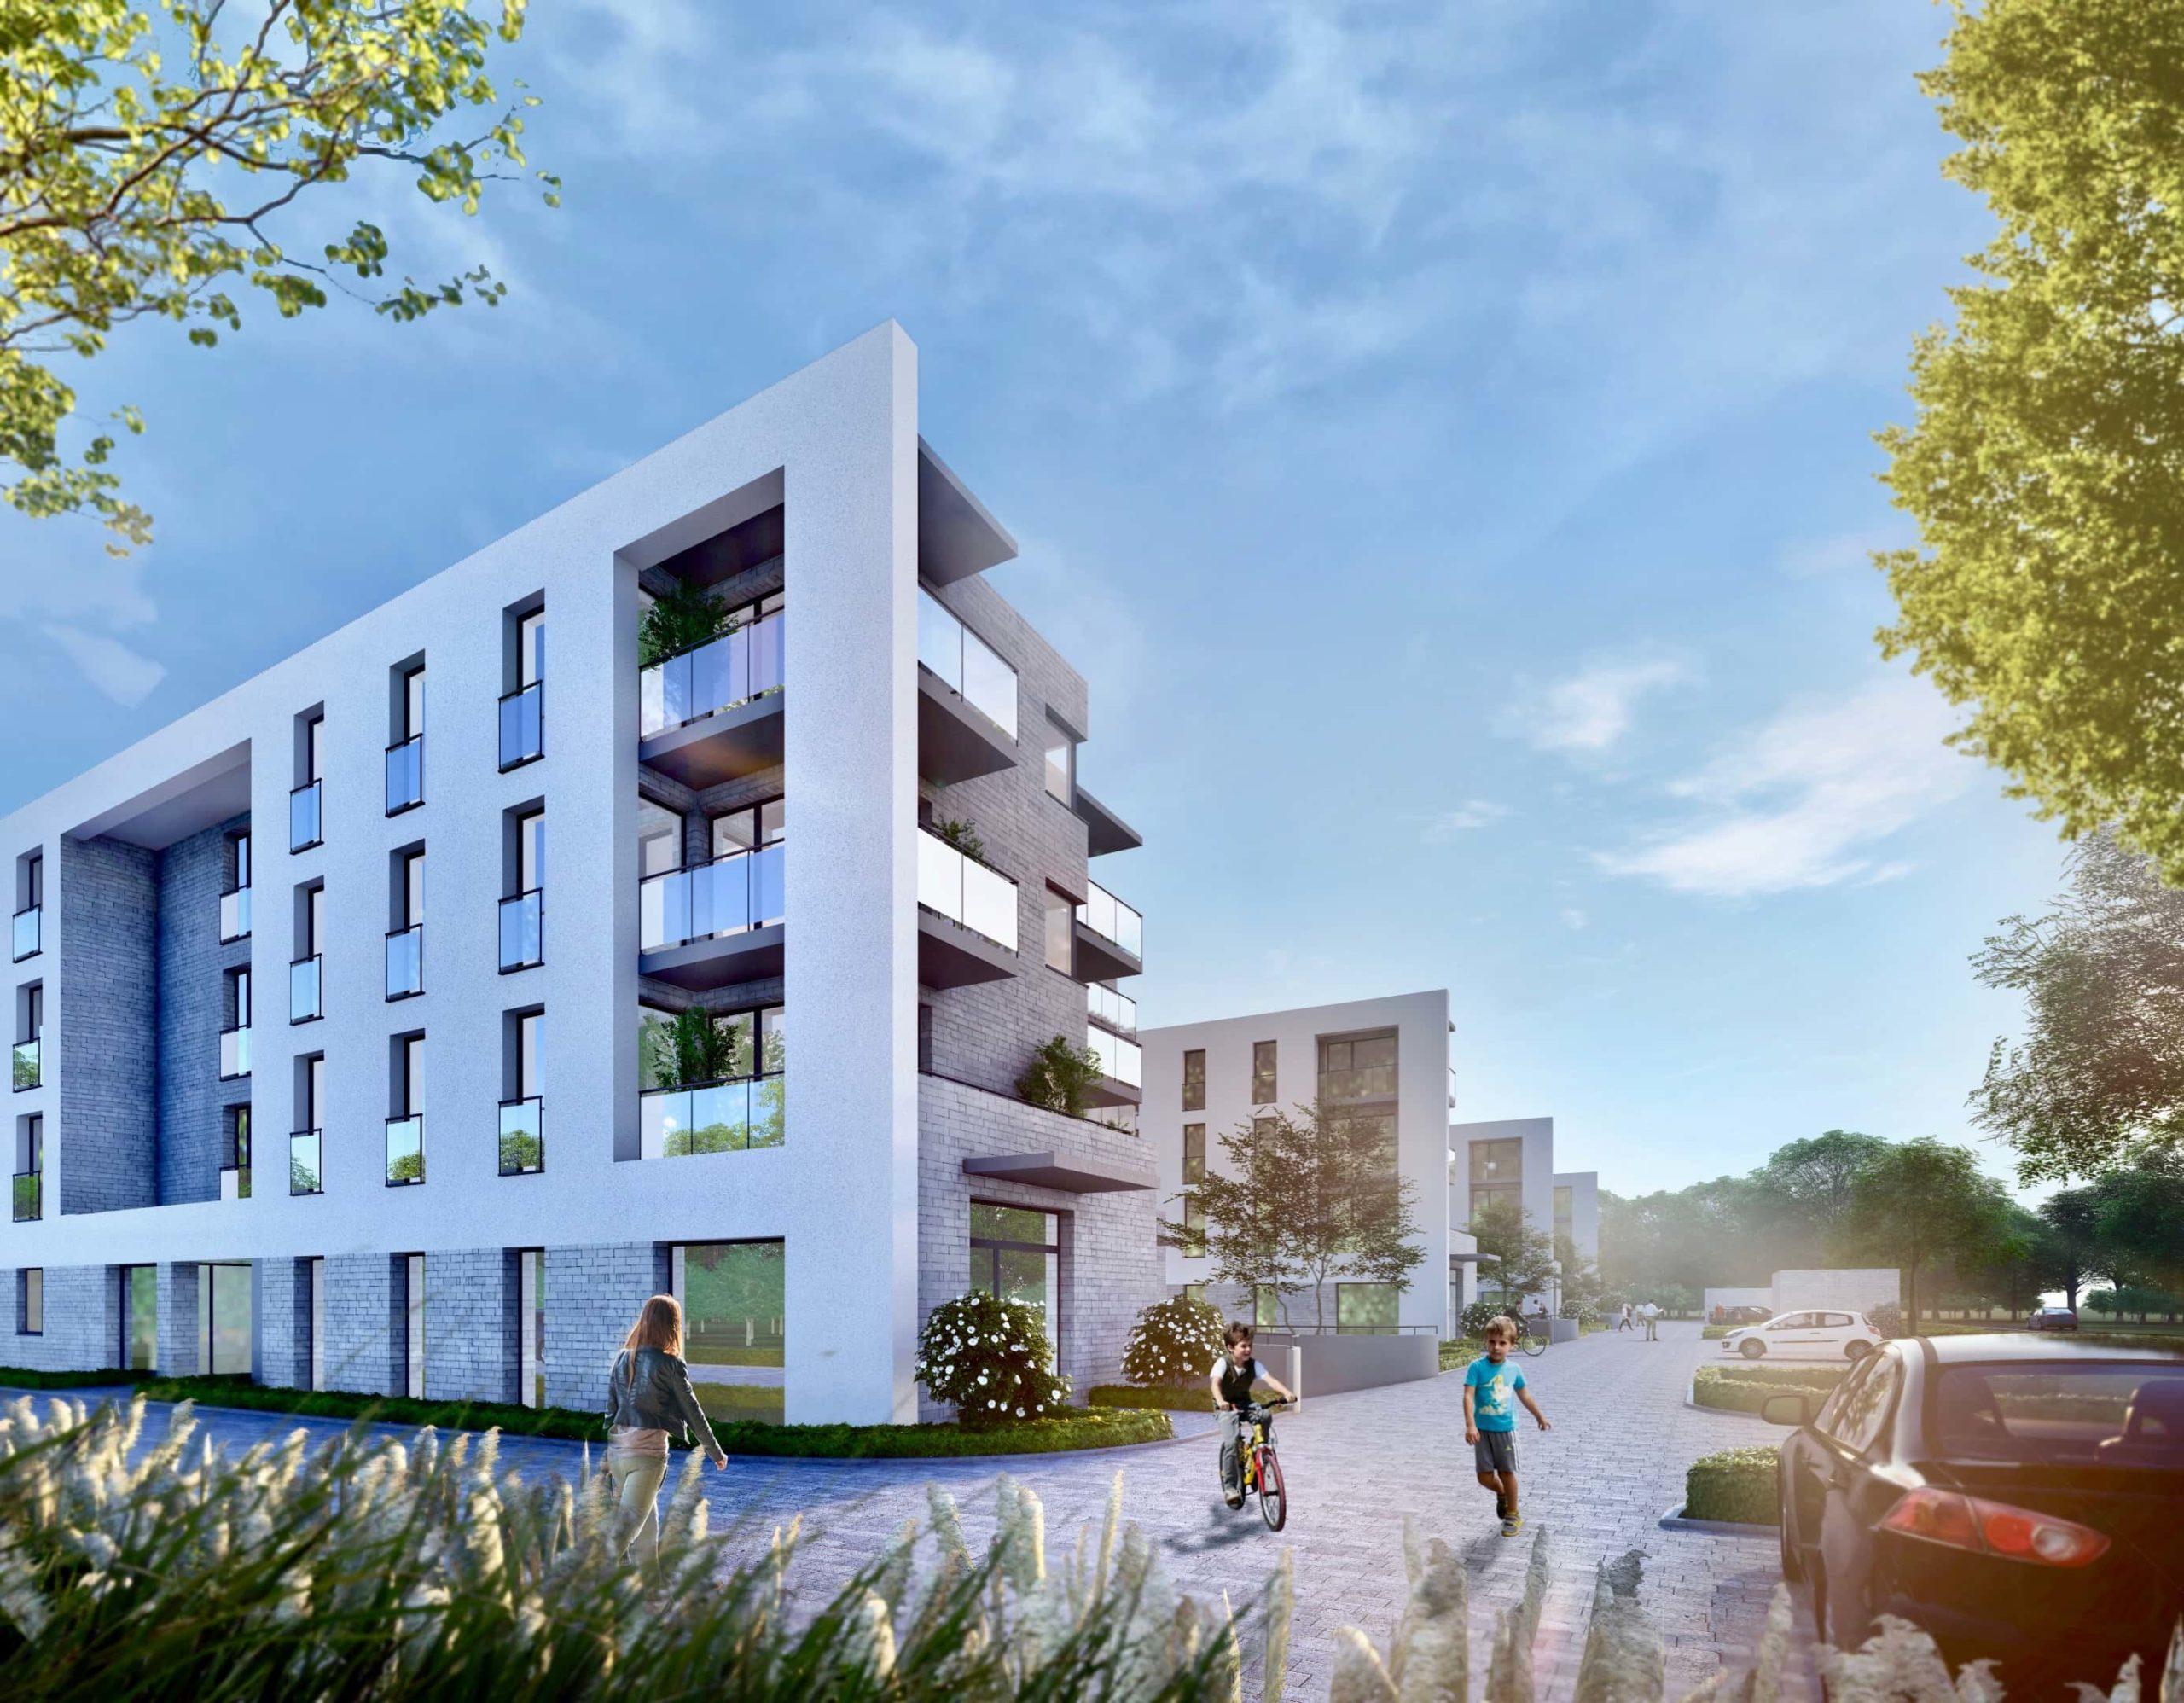 zam lipska 1 scaled 1 Powstaje drugi etap nowoczesnego osiedla mieszkaniowego